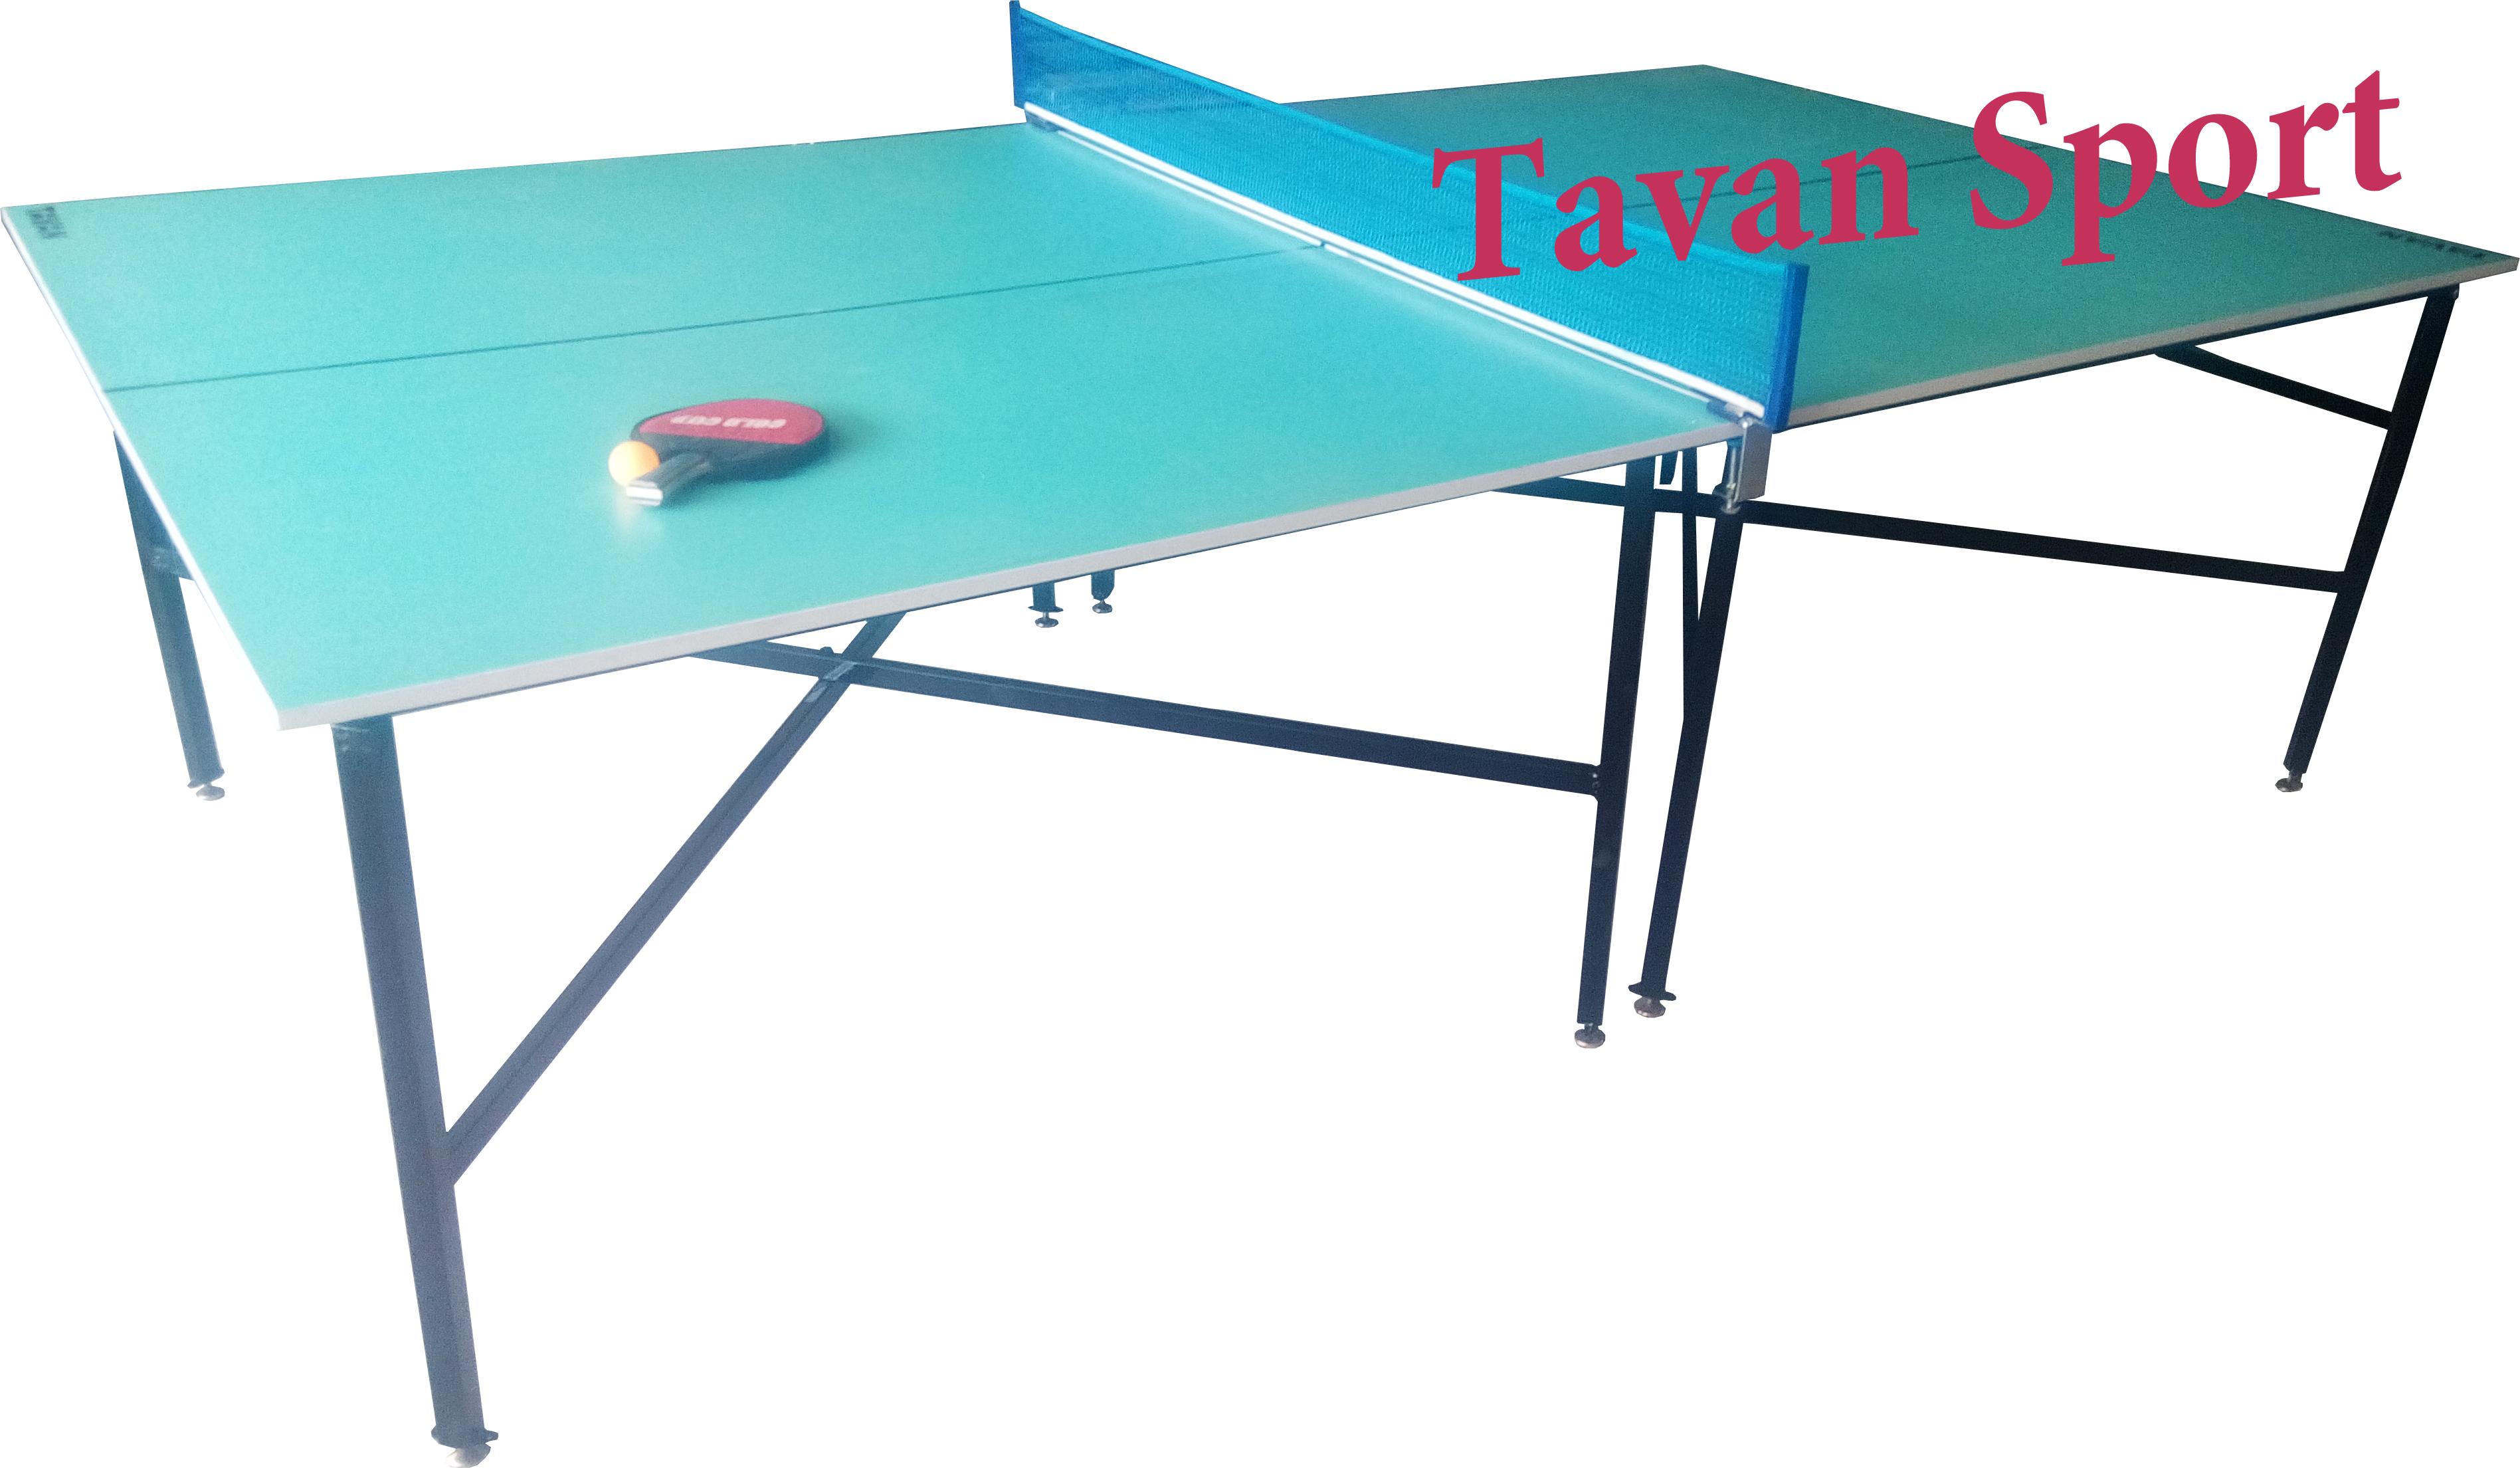 میز پینگ پنگ پایه ضربدری۱